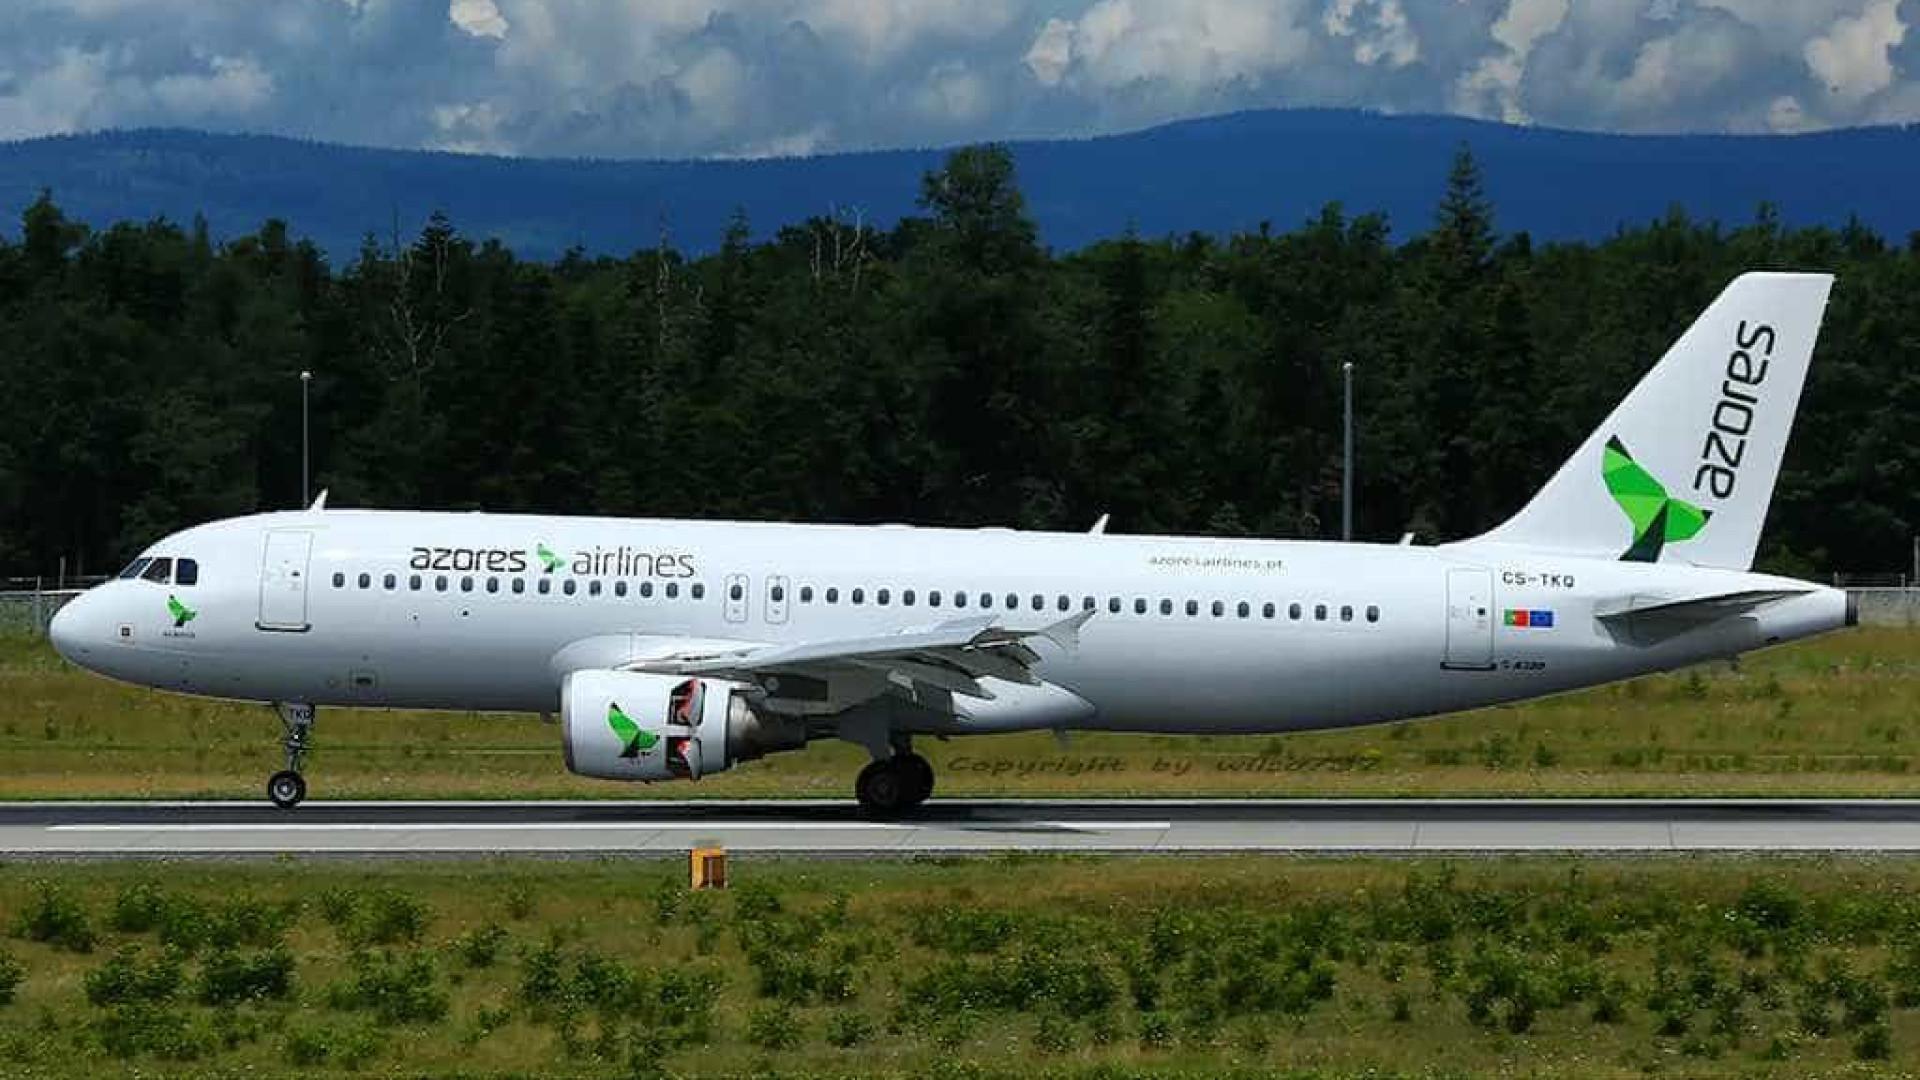 Partidos da oposição criticam processo de privatização da Azores Airlines